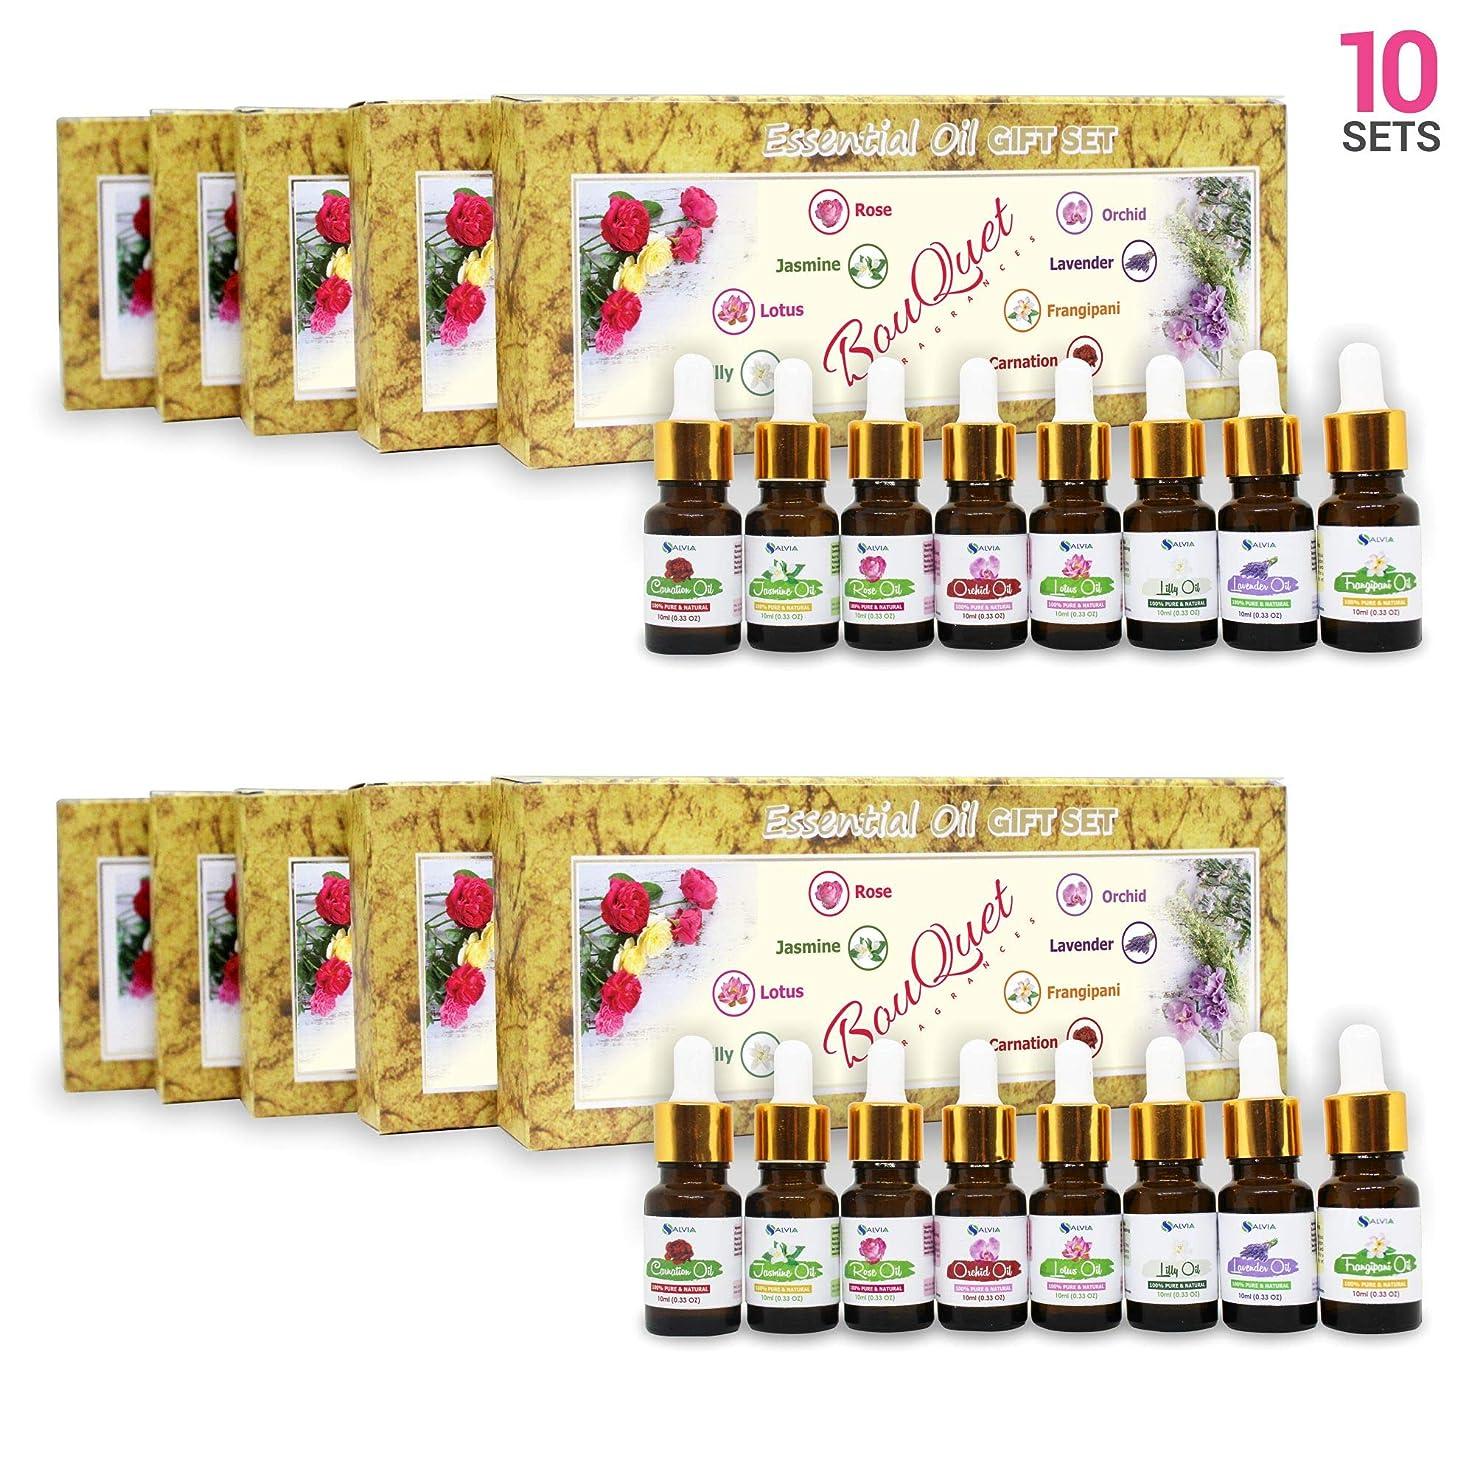 フック履歴書戦争Aromatherapy Fragrance Oils (Set of 10) - 100% Natural Therapeutic Essential Oils, 10ml each (Rose, Jasmine, Lotus, Lilly, Orchid, Lavender, Frangipani, Carnation) Express Shipping